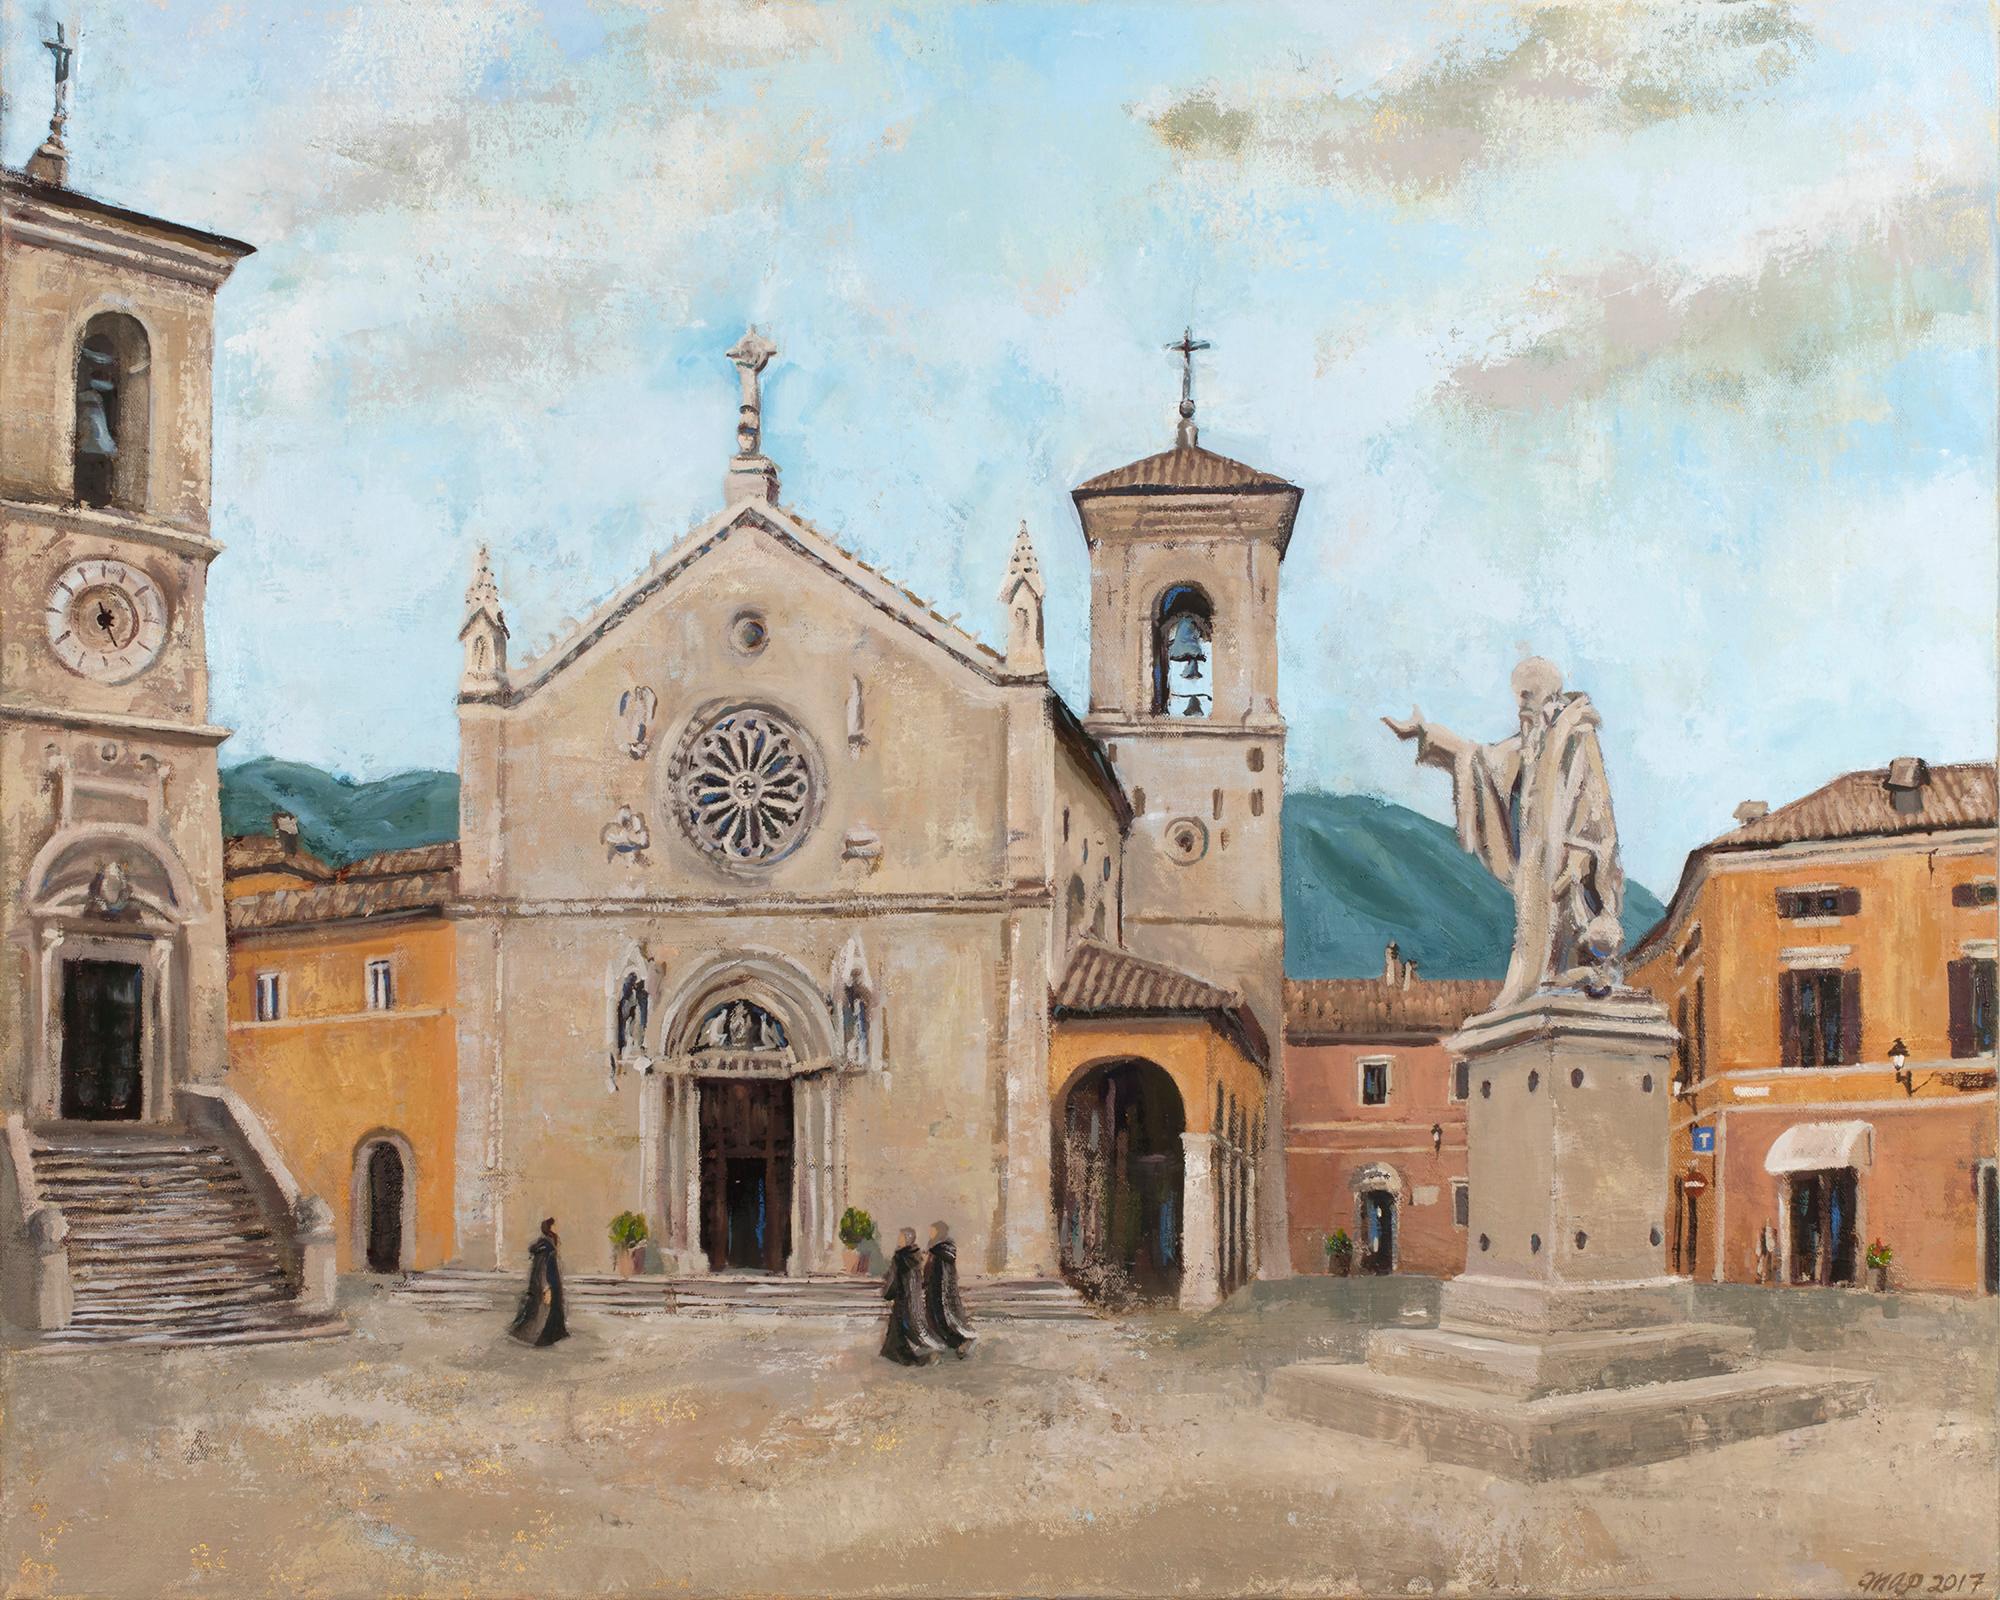 Basilicanorcia med copy ee4egt